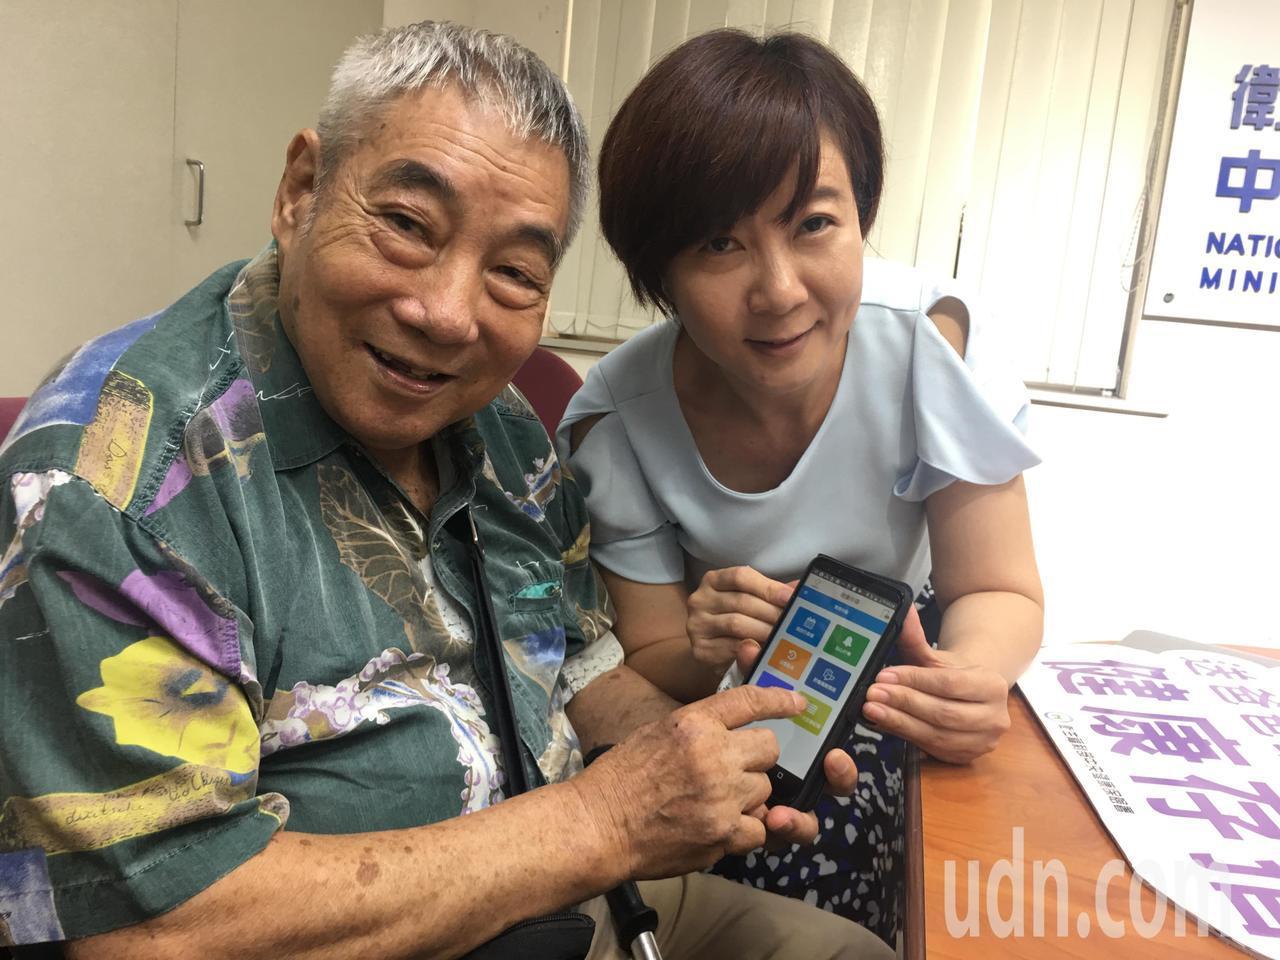 資深媒體人洪素卿(右)和洪爸爸(左)分享健康存摺的使用經驗。 記者鄧桂芬/攝影